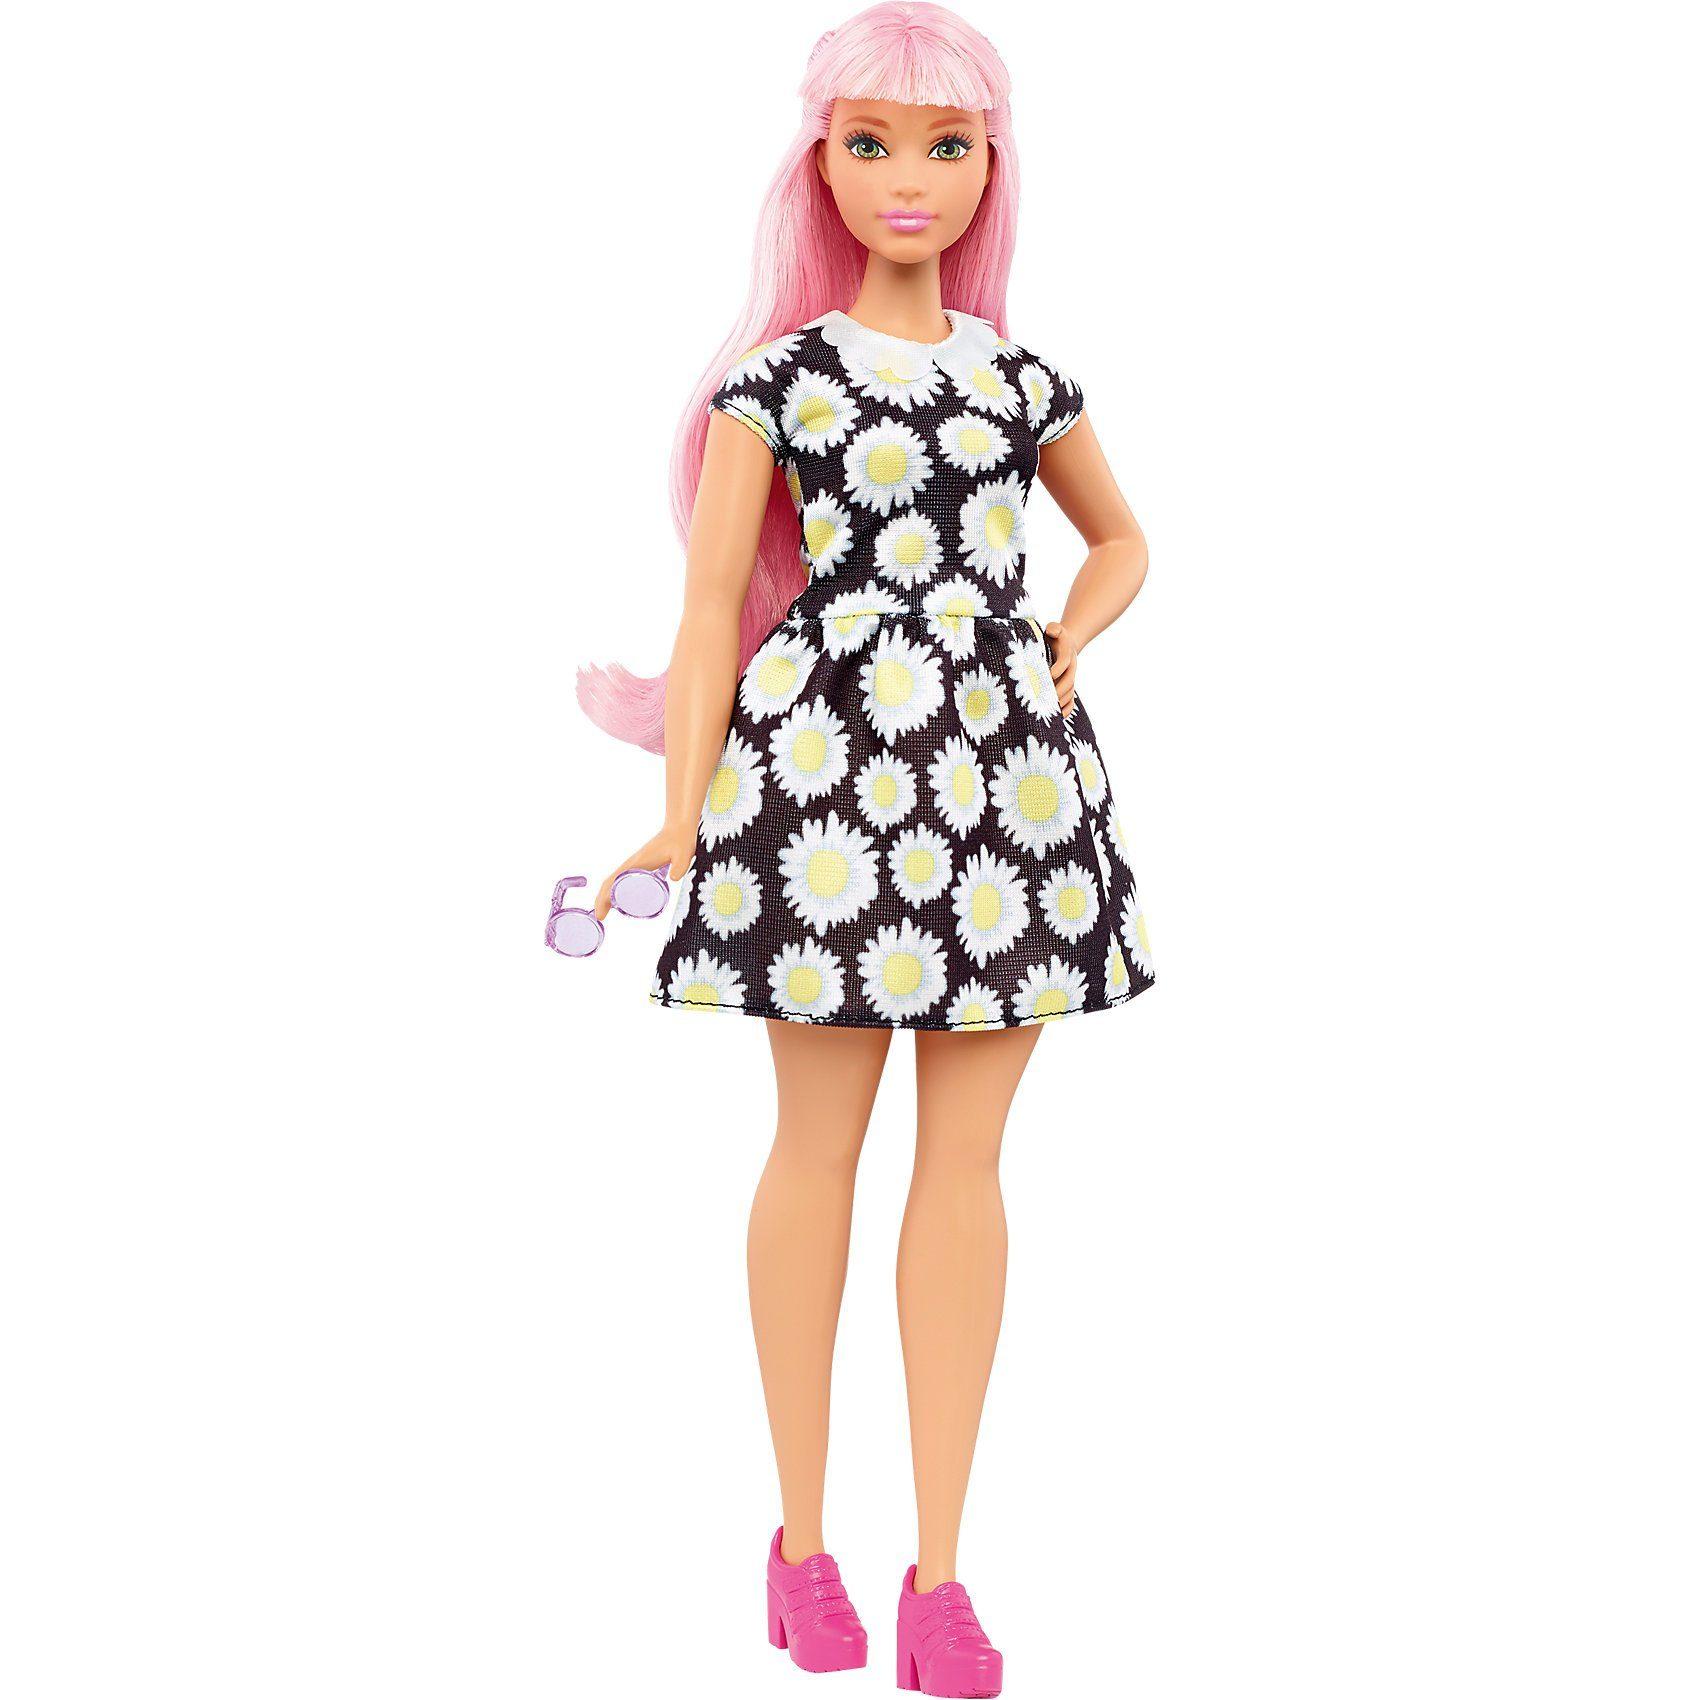 Mattel® Barbie Fashionistas Puppe im Gänseblümchenkleid